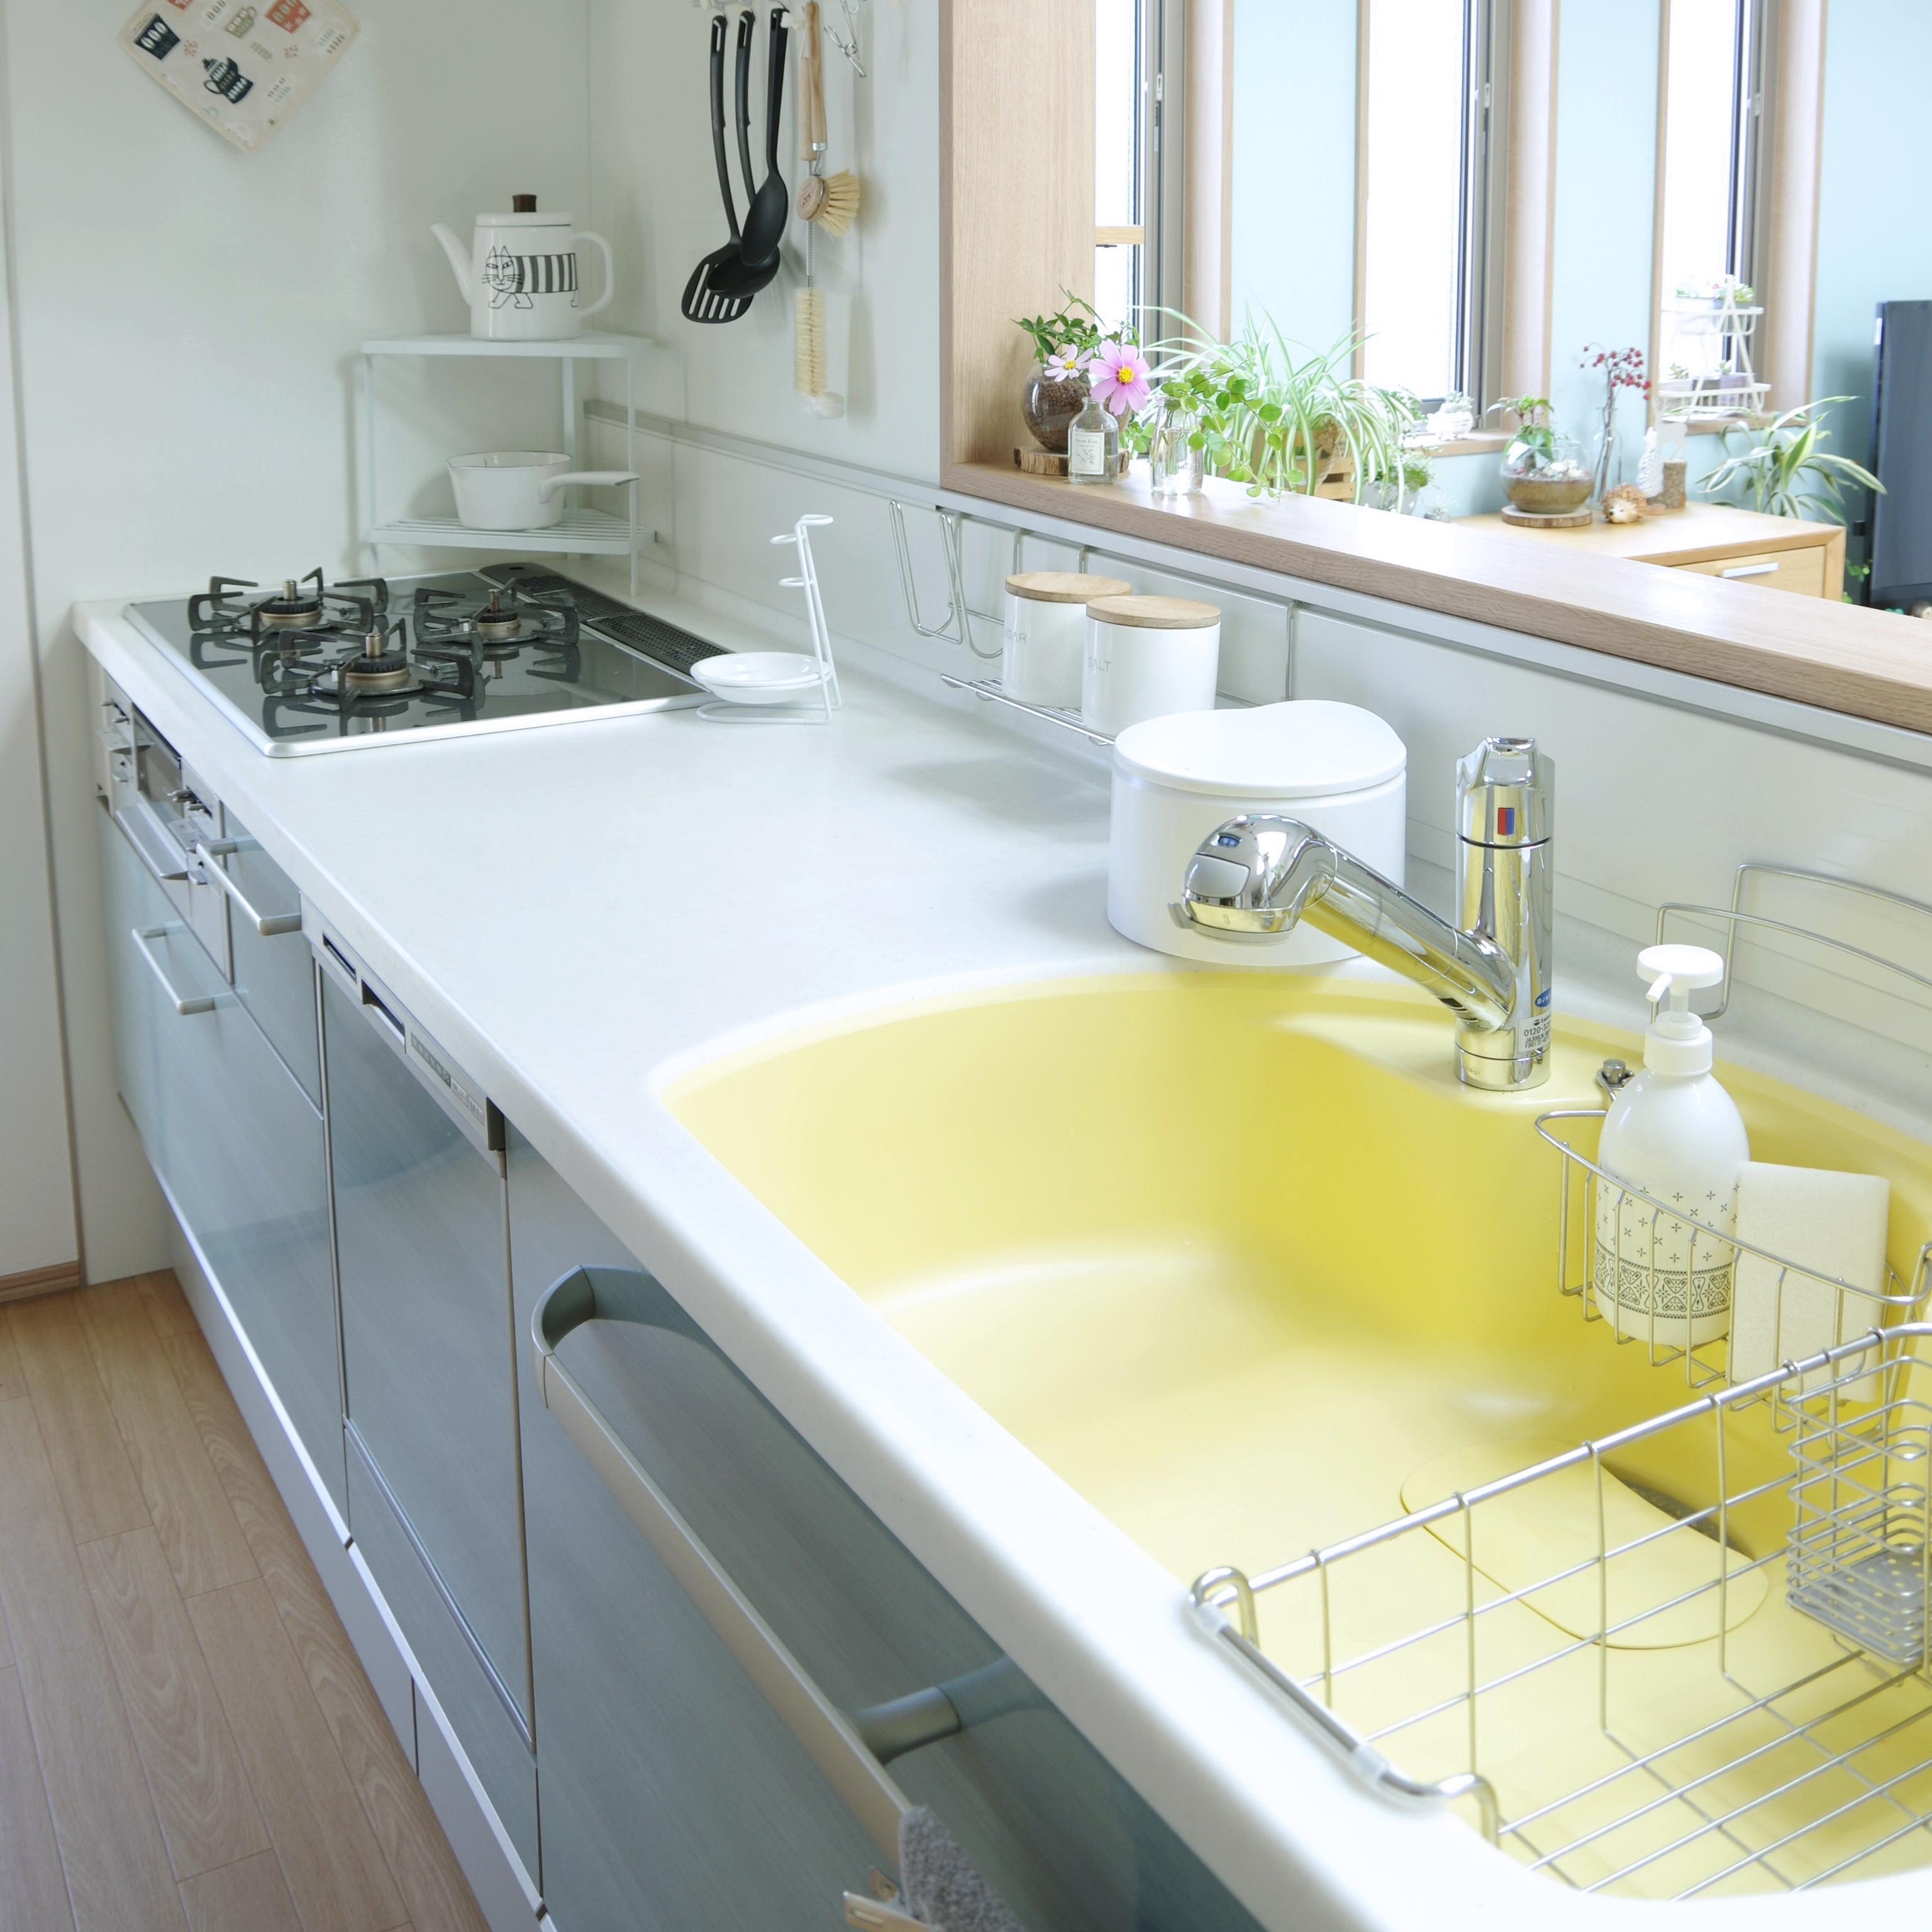 「色で魅せる引き算キッチン。誰でも使いやすく自分も快適に」 by Shooowkoさん